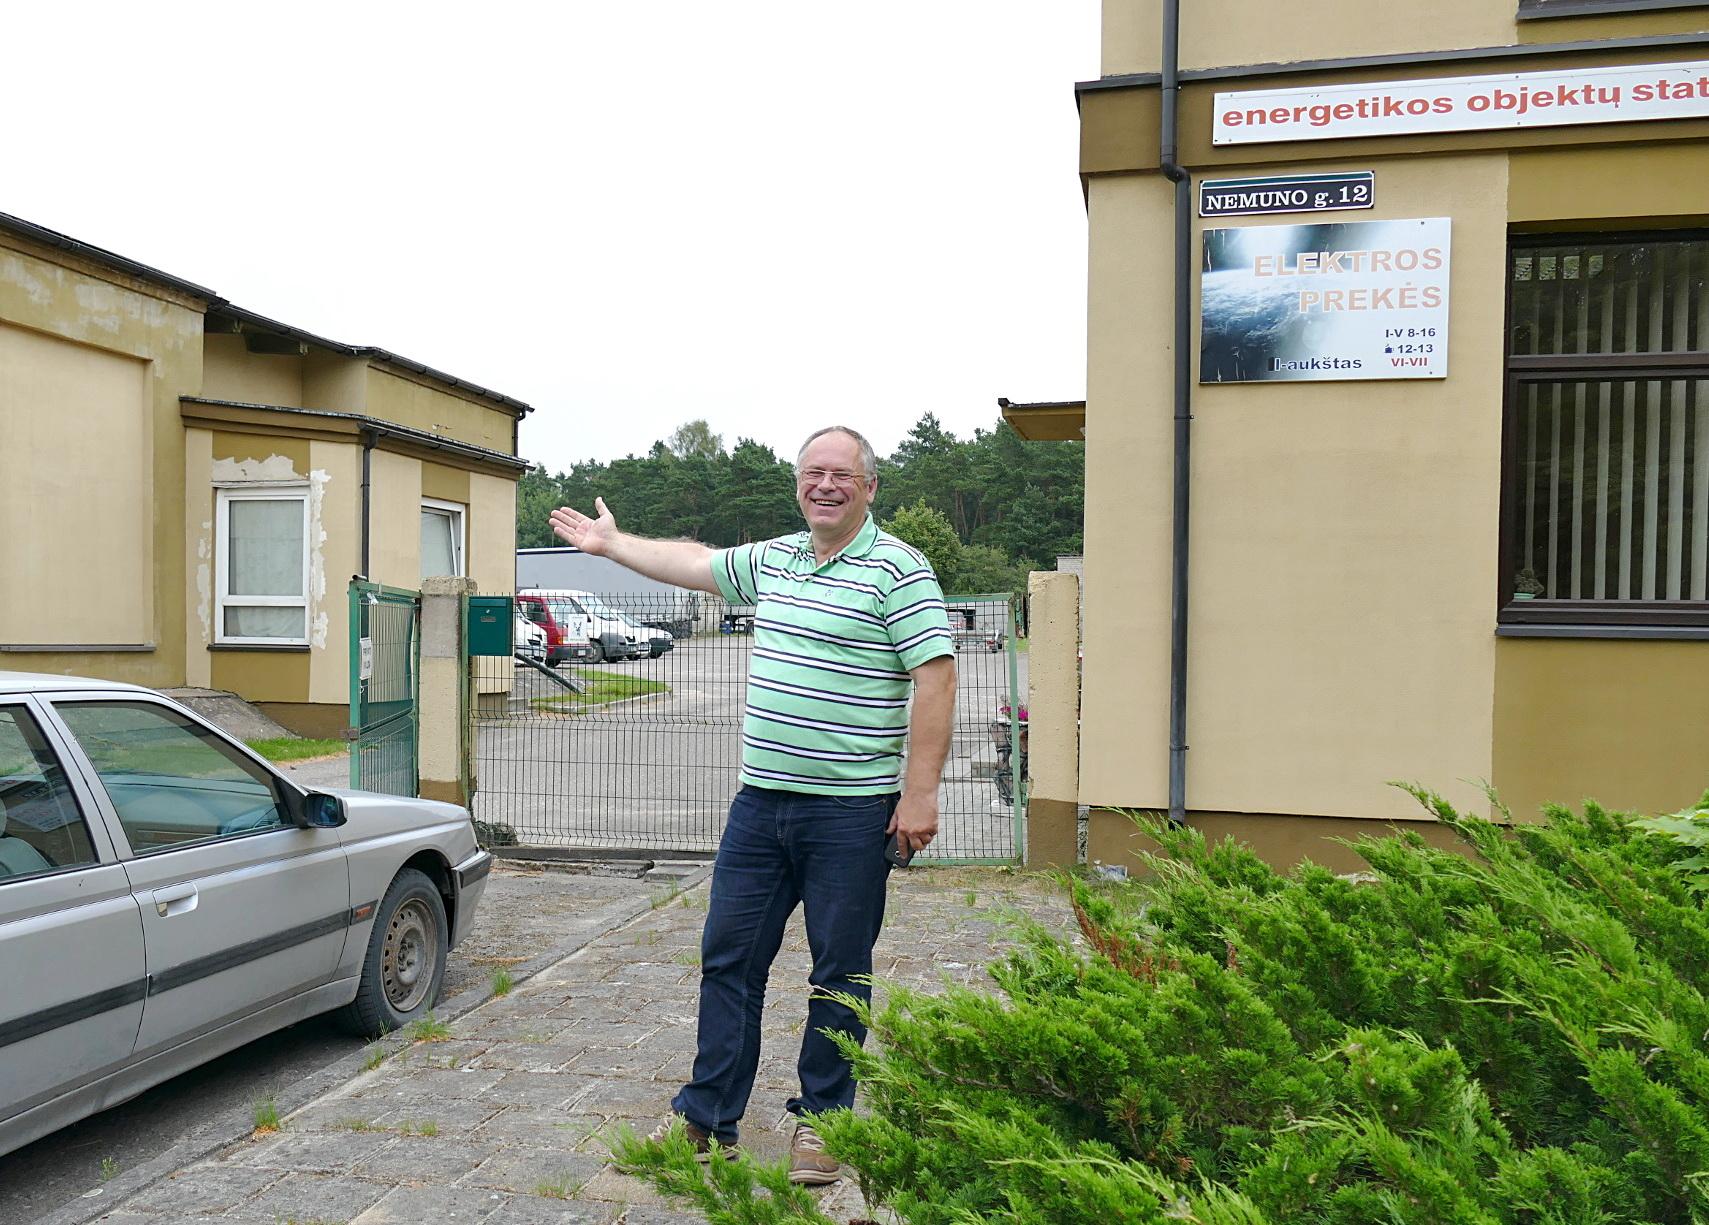 """UAB """"Energetikos objektų statyba"""" vadovas Audrius Endzinas siūlo naują Šilutės autobusų parką statyti ne Dariaus ir Girėno gatvėje, bet Nemuno g. 12 esančioje teritorijoje, kur kažkada buvo paruošų kontora."""